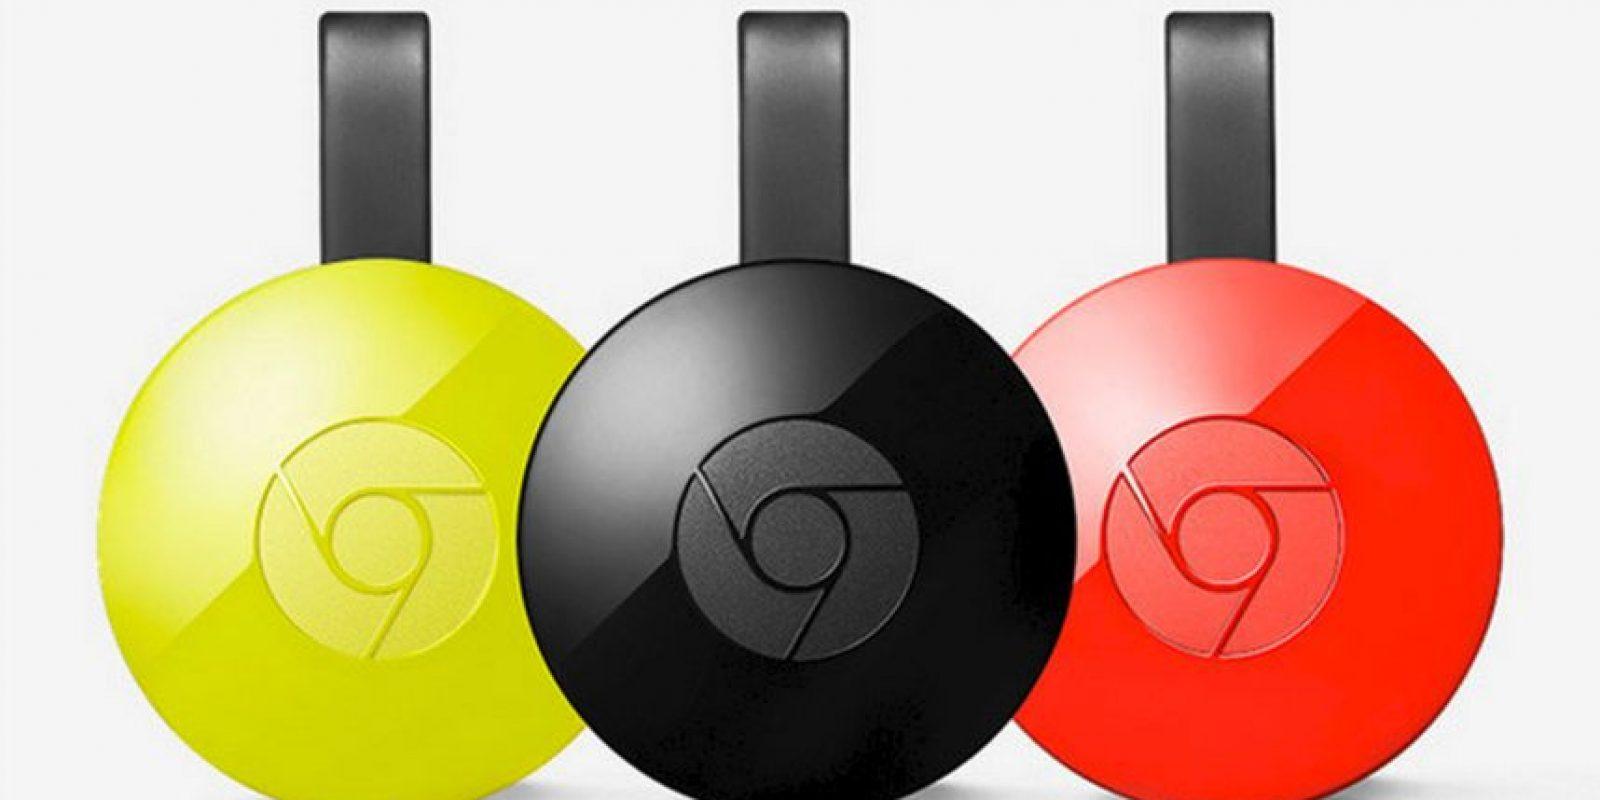 Chromecast es un dispositivo de transmisión de contenido multimedia del tamaño de un pulgar que se conecta al puerto HDMI de la televisión. La mejoras son en el diseñó y la conectividad Wi-Fi gracias al soporte de redes AC Foto:Google